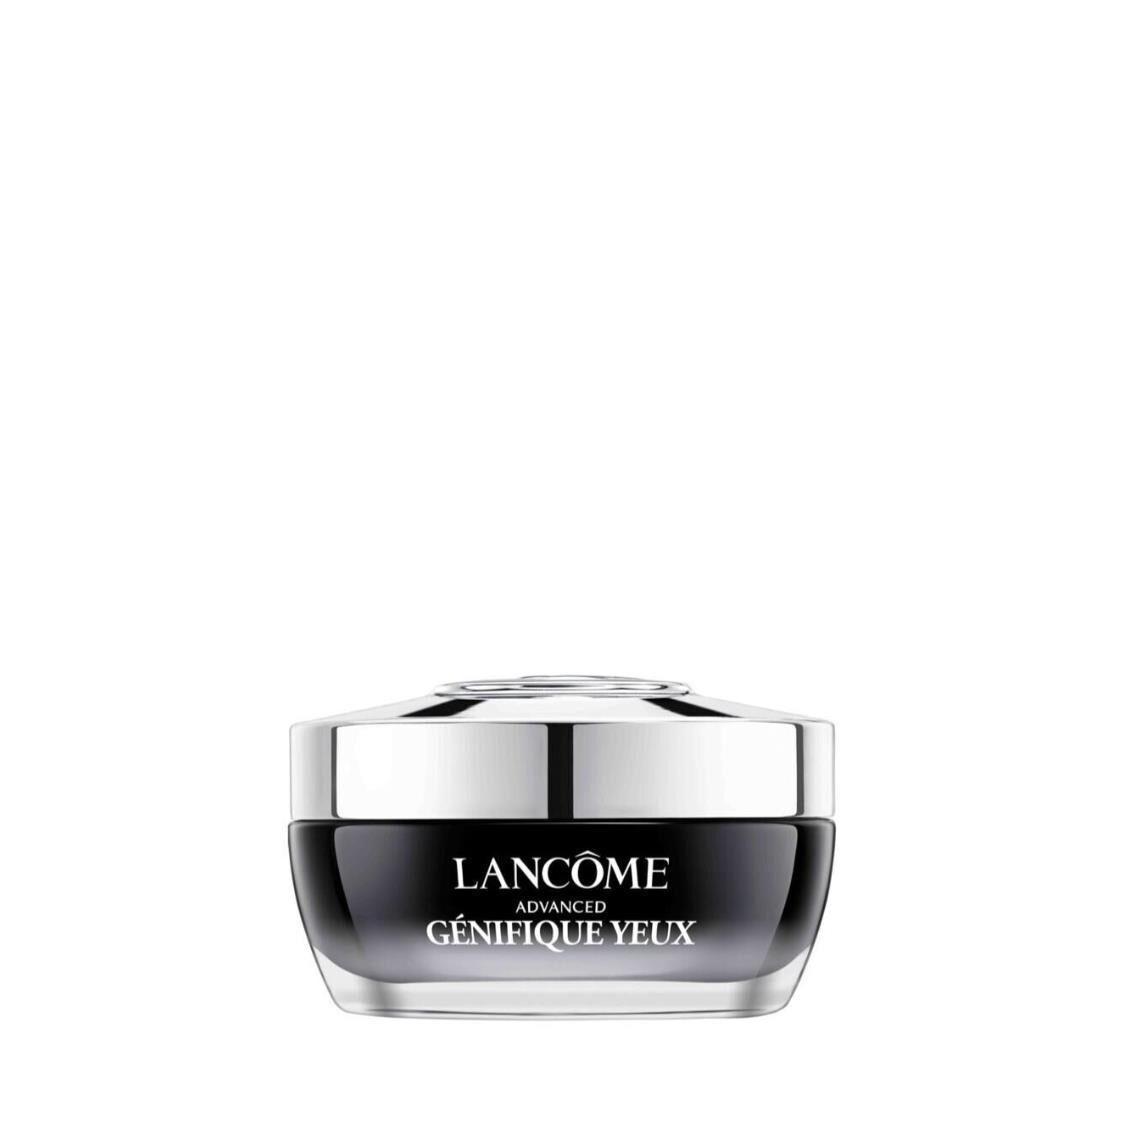 Lancome Advanced Gnifique Yeux Eye Cream 15ml